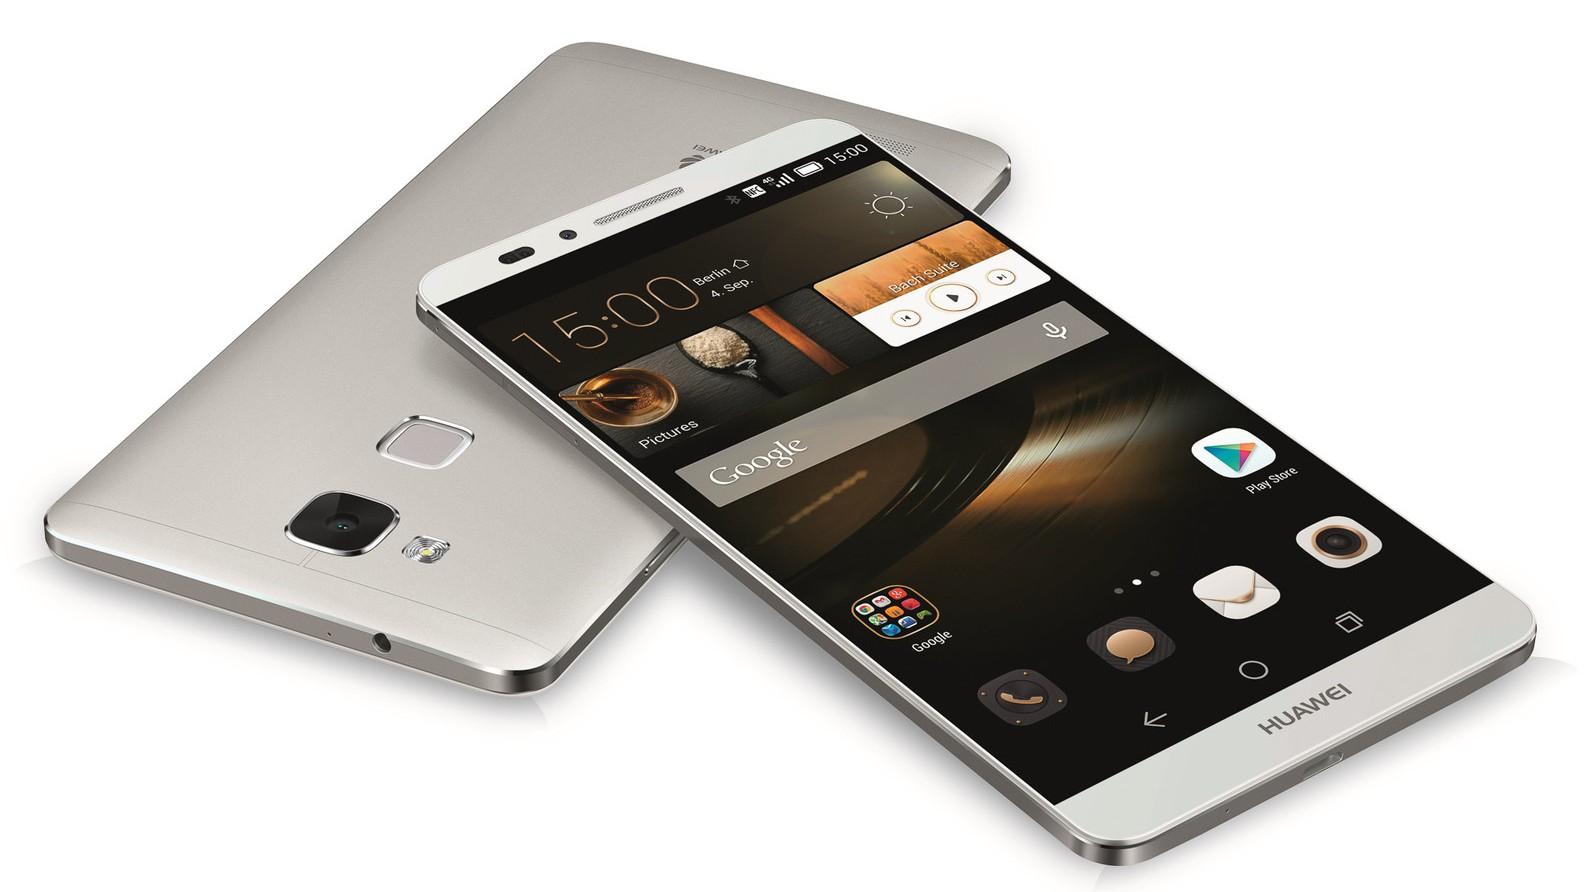 Huawei Ascend Mate 7 gold dual sim